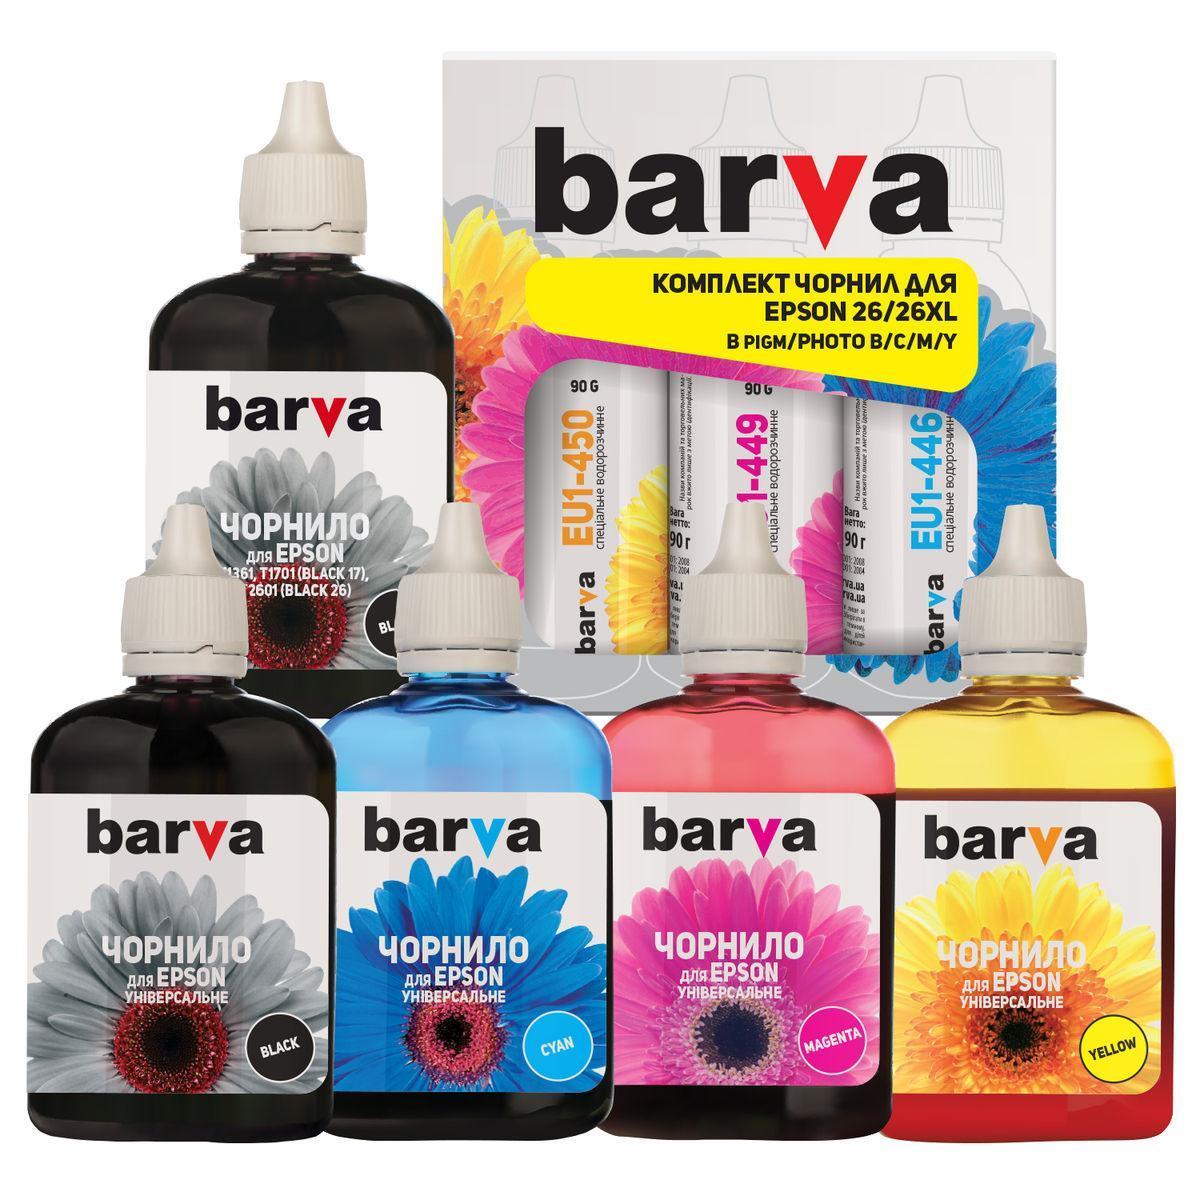 Комплект чернил Barva Epson 26 / 26XL, C/M/Y/BK - водорастворимые / BK - пигмент, 5 x 90 г чернил